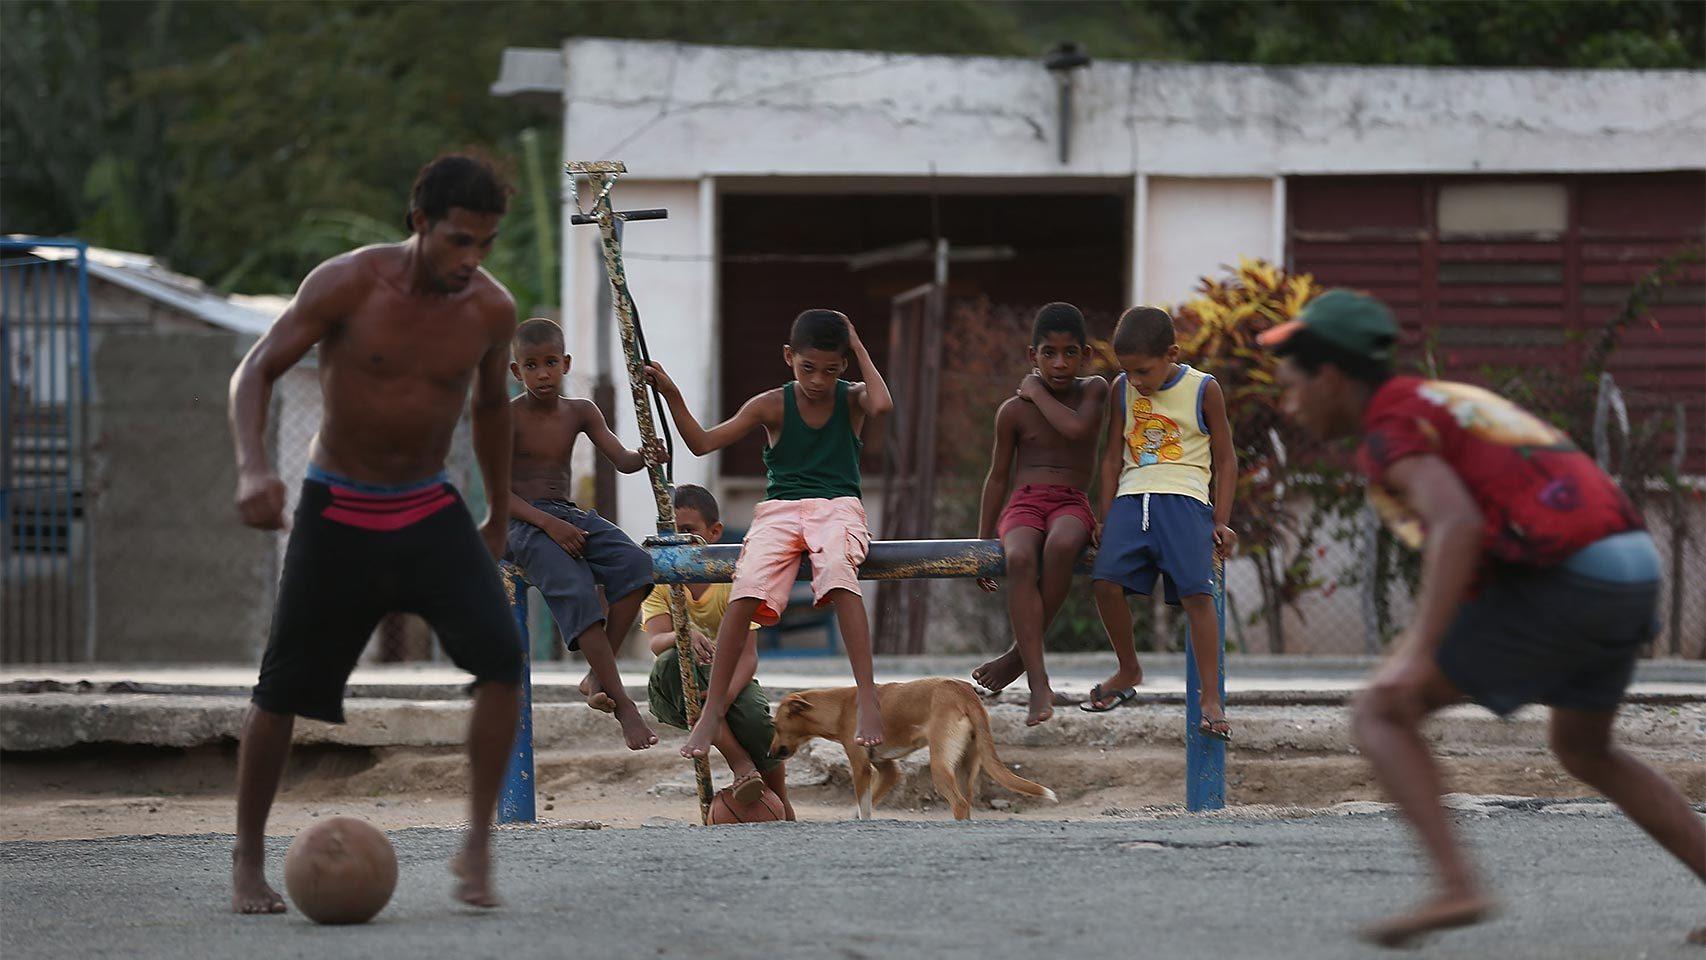 Poco a poco, el fútbol sustituye al béisbol en las calles de Cuba.